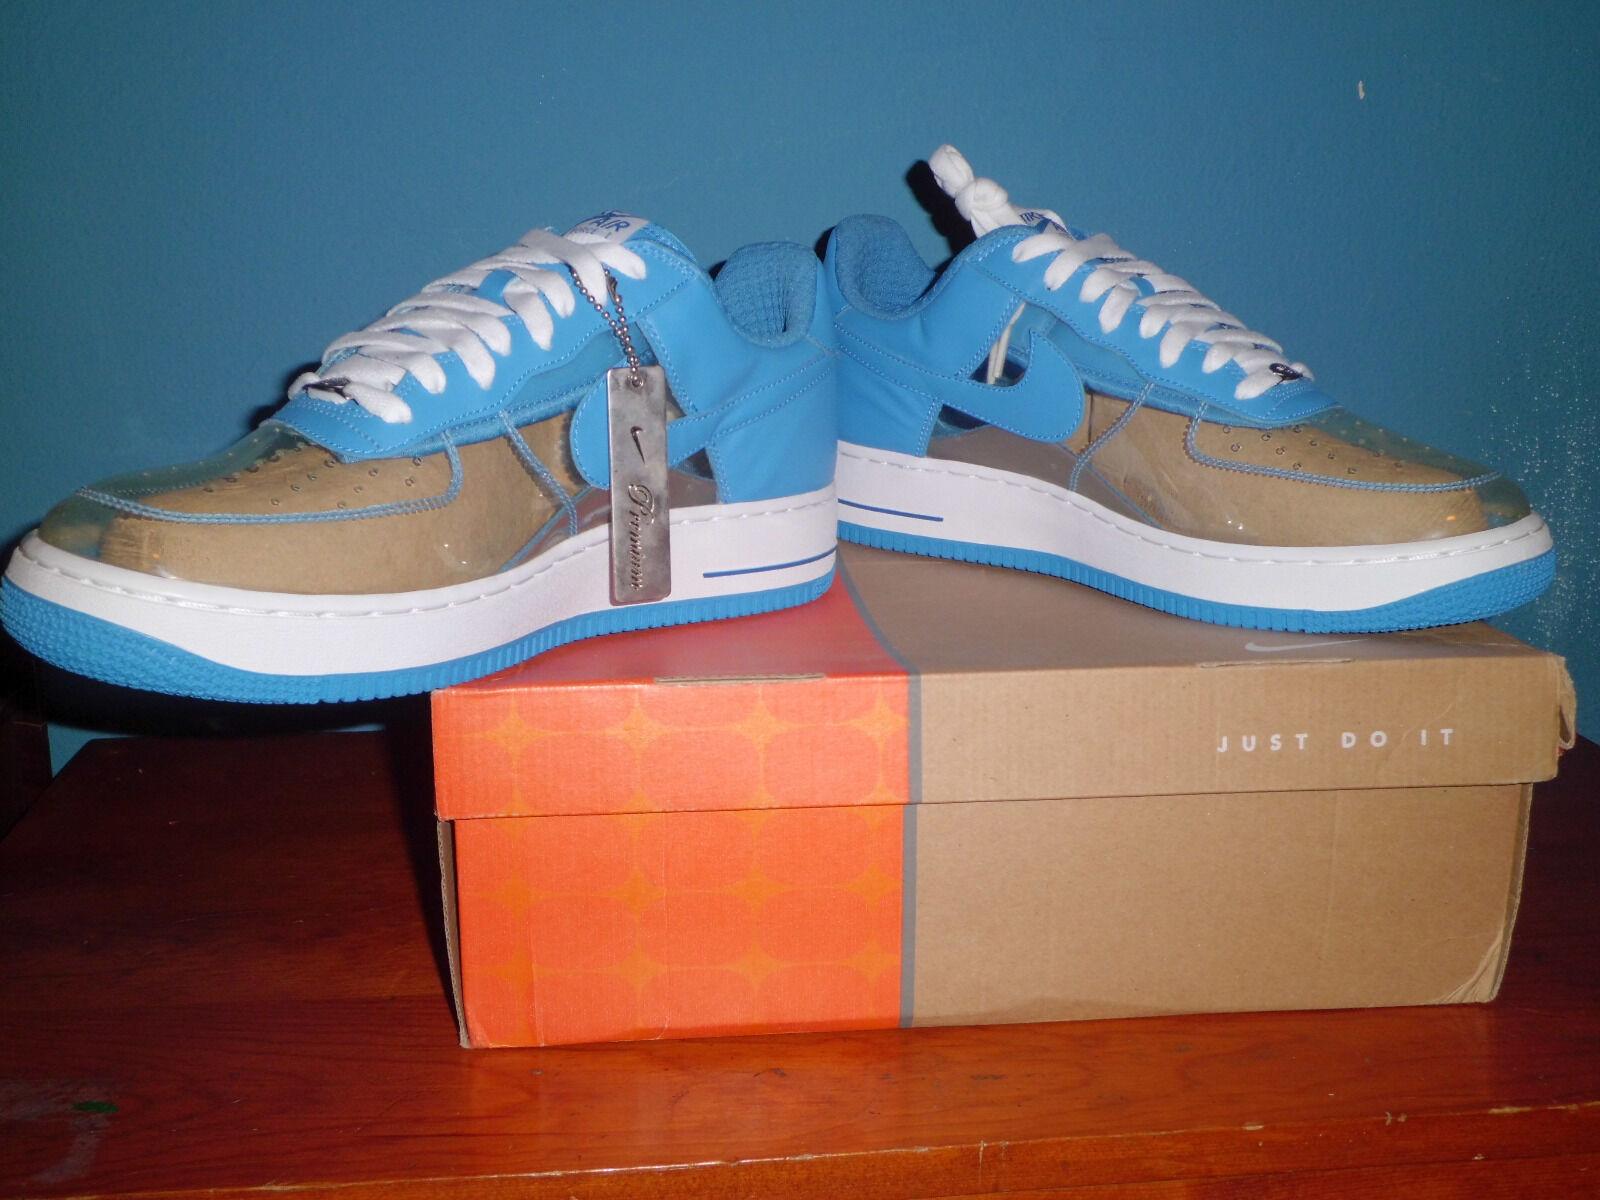 Nike Air Force1 Premium mujer invisible de 12 los hombres el tamaño 12 de material con og Box ~ el mas popular de zapatos para hombres y mujeres 8c645b